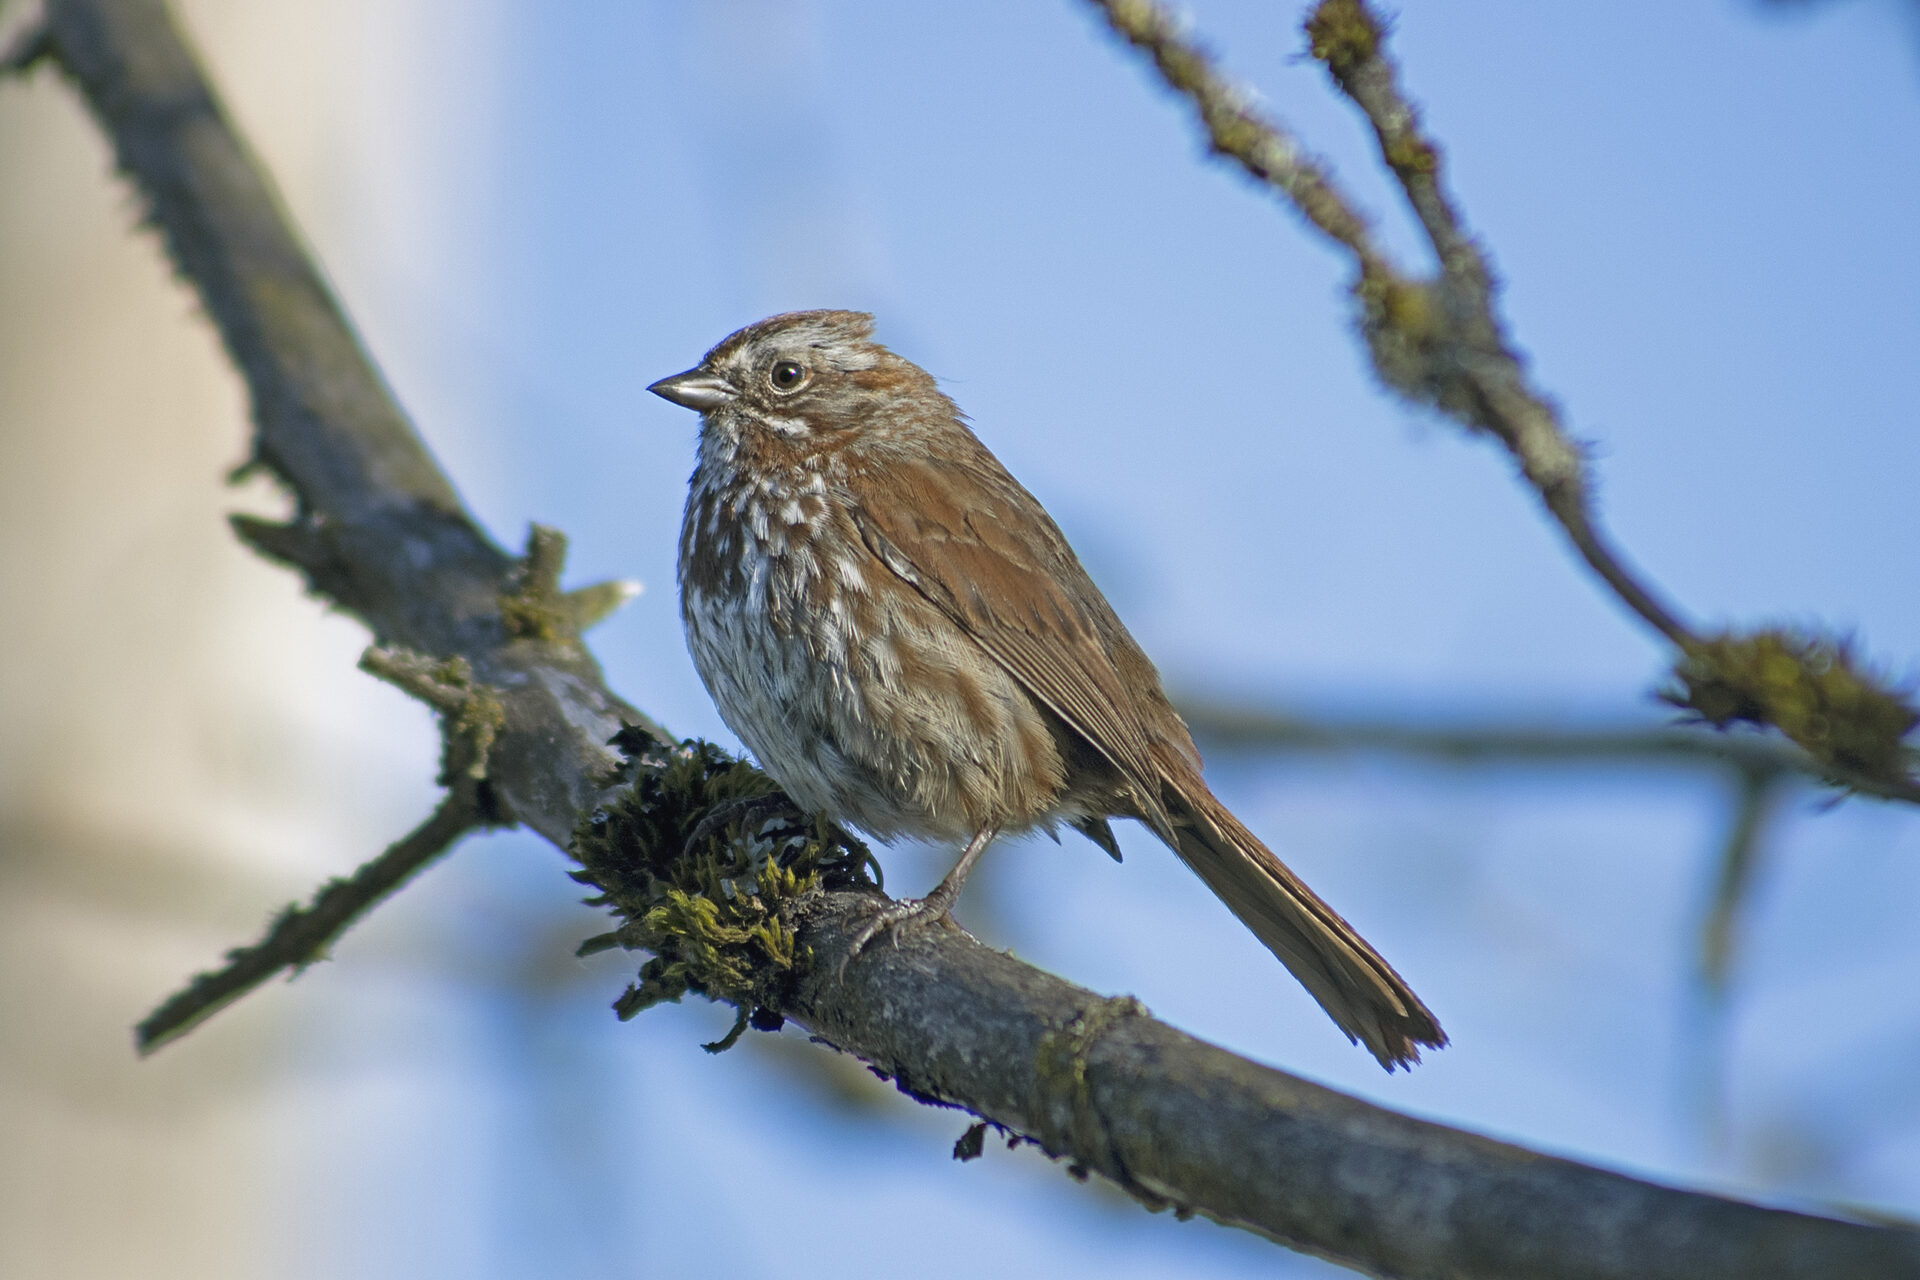 Song Sparrow, May 7 2021